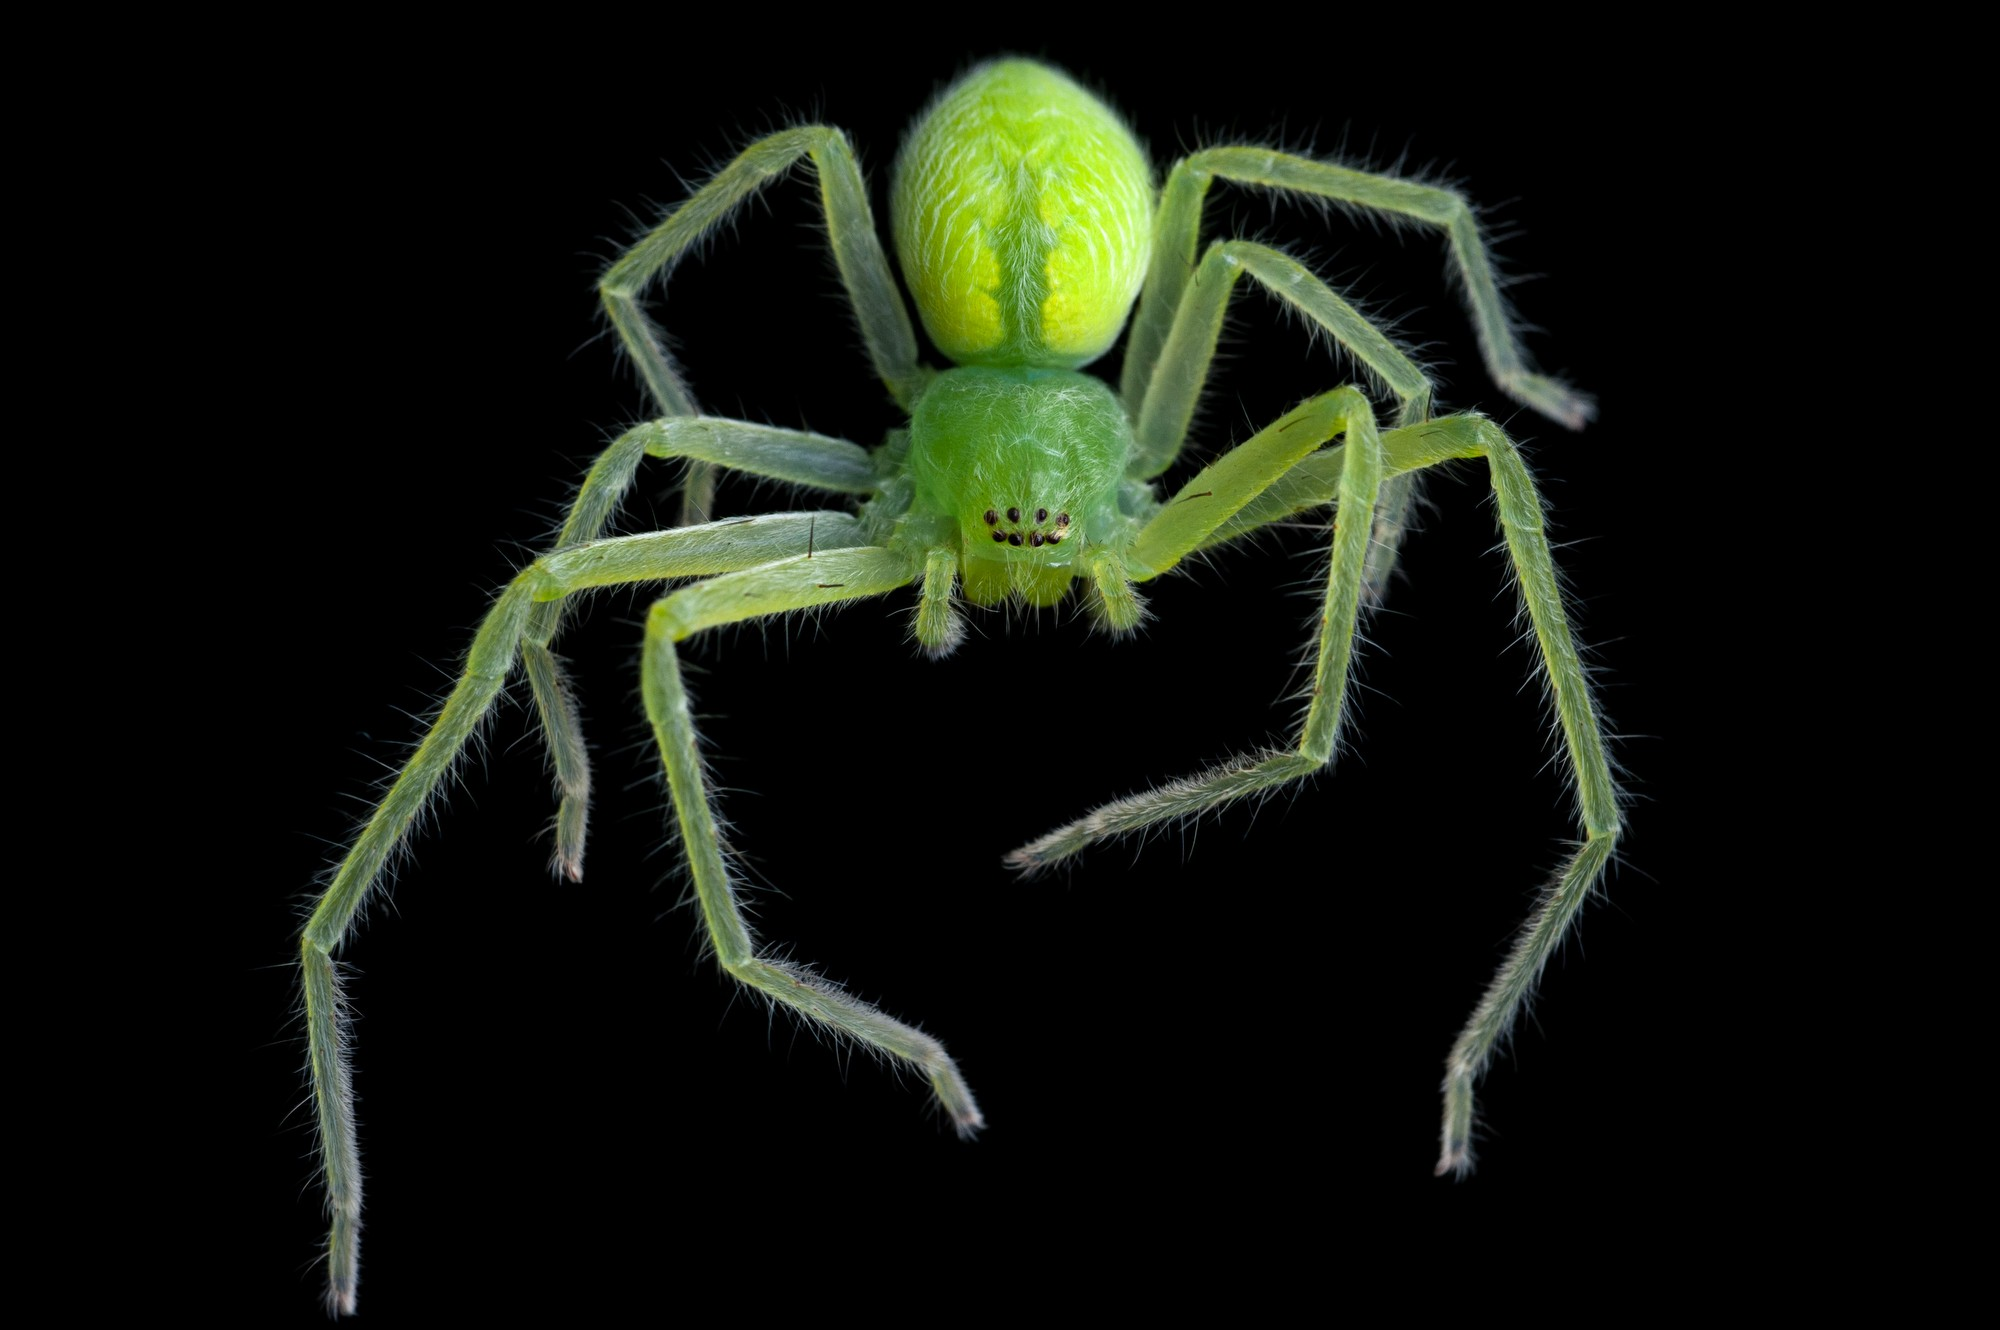 A giant crab spider (Olios fasciculatus) from Bioko Island, Equatorial Guinea.